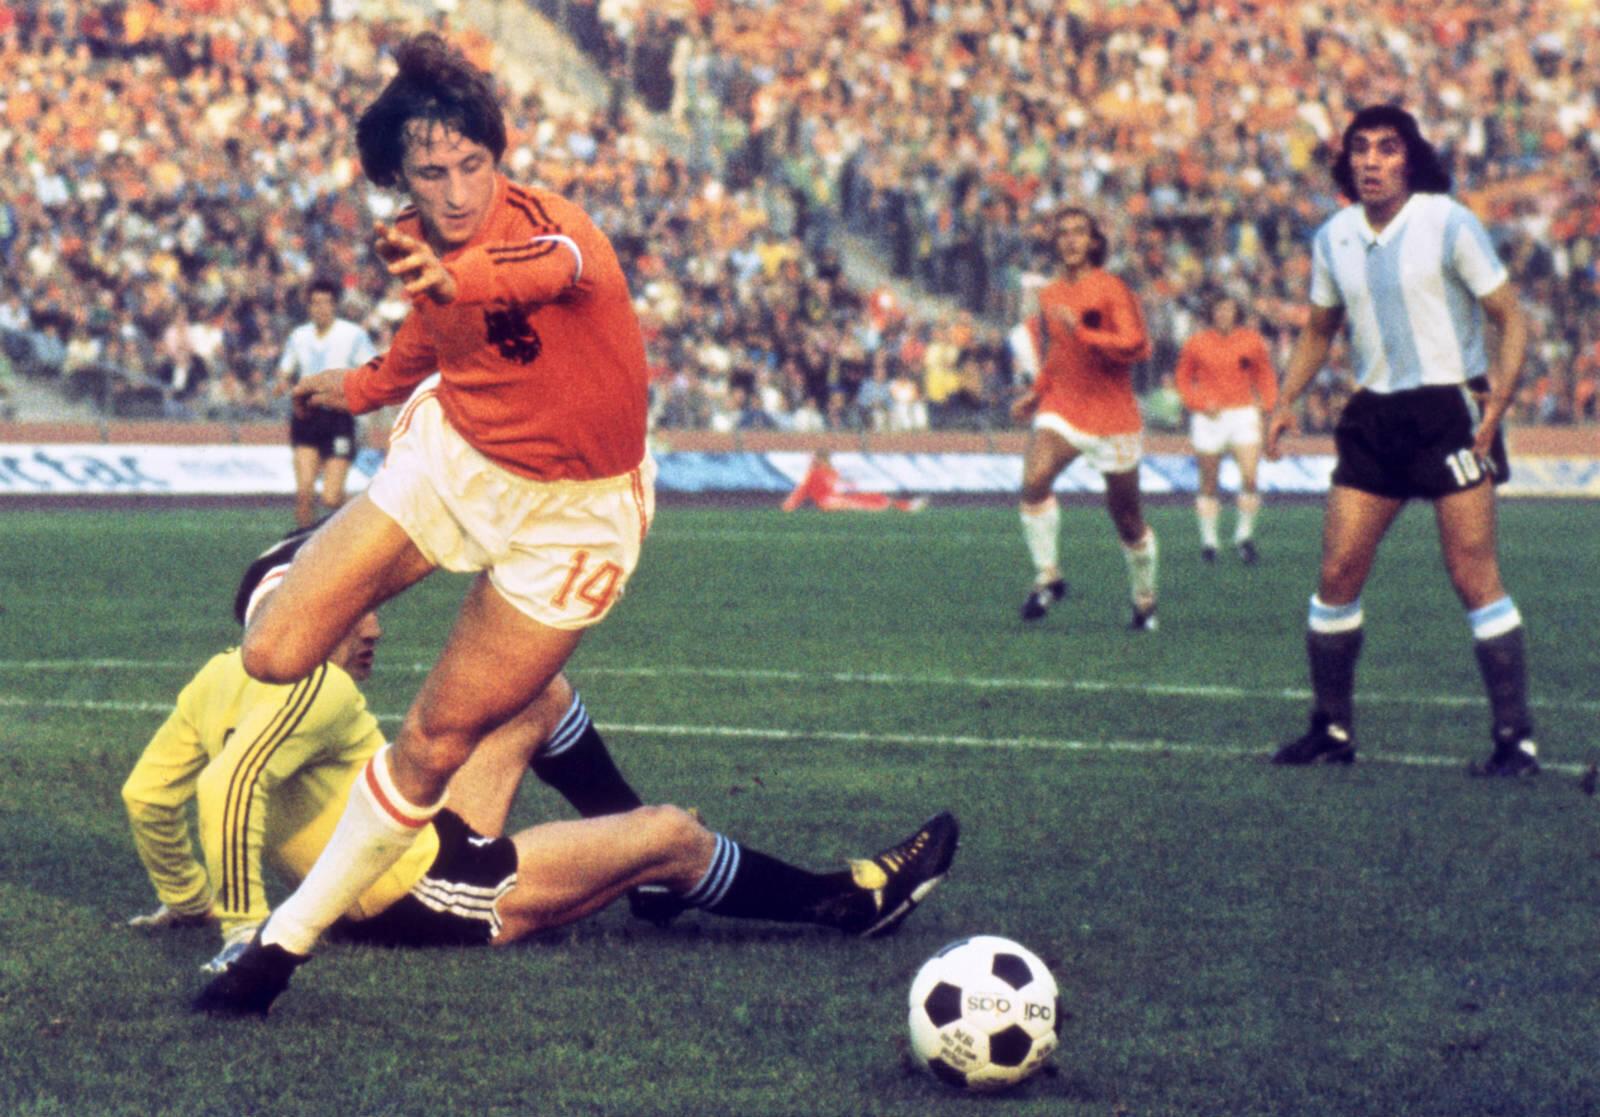 Considéré comme l'un des meilleurs footballeurs de l'histoire, le Néerlandais Johan Cruyff s'est éteint à 68 ans, le 24 mars 2016, plongeant dans une grande tristesse les fans du grand Ajax des années 1970 et ceux du Barça.